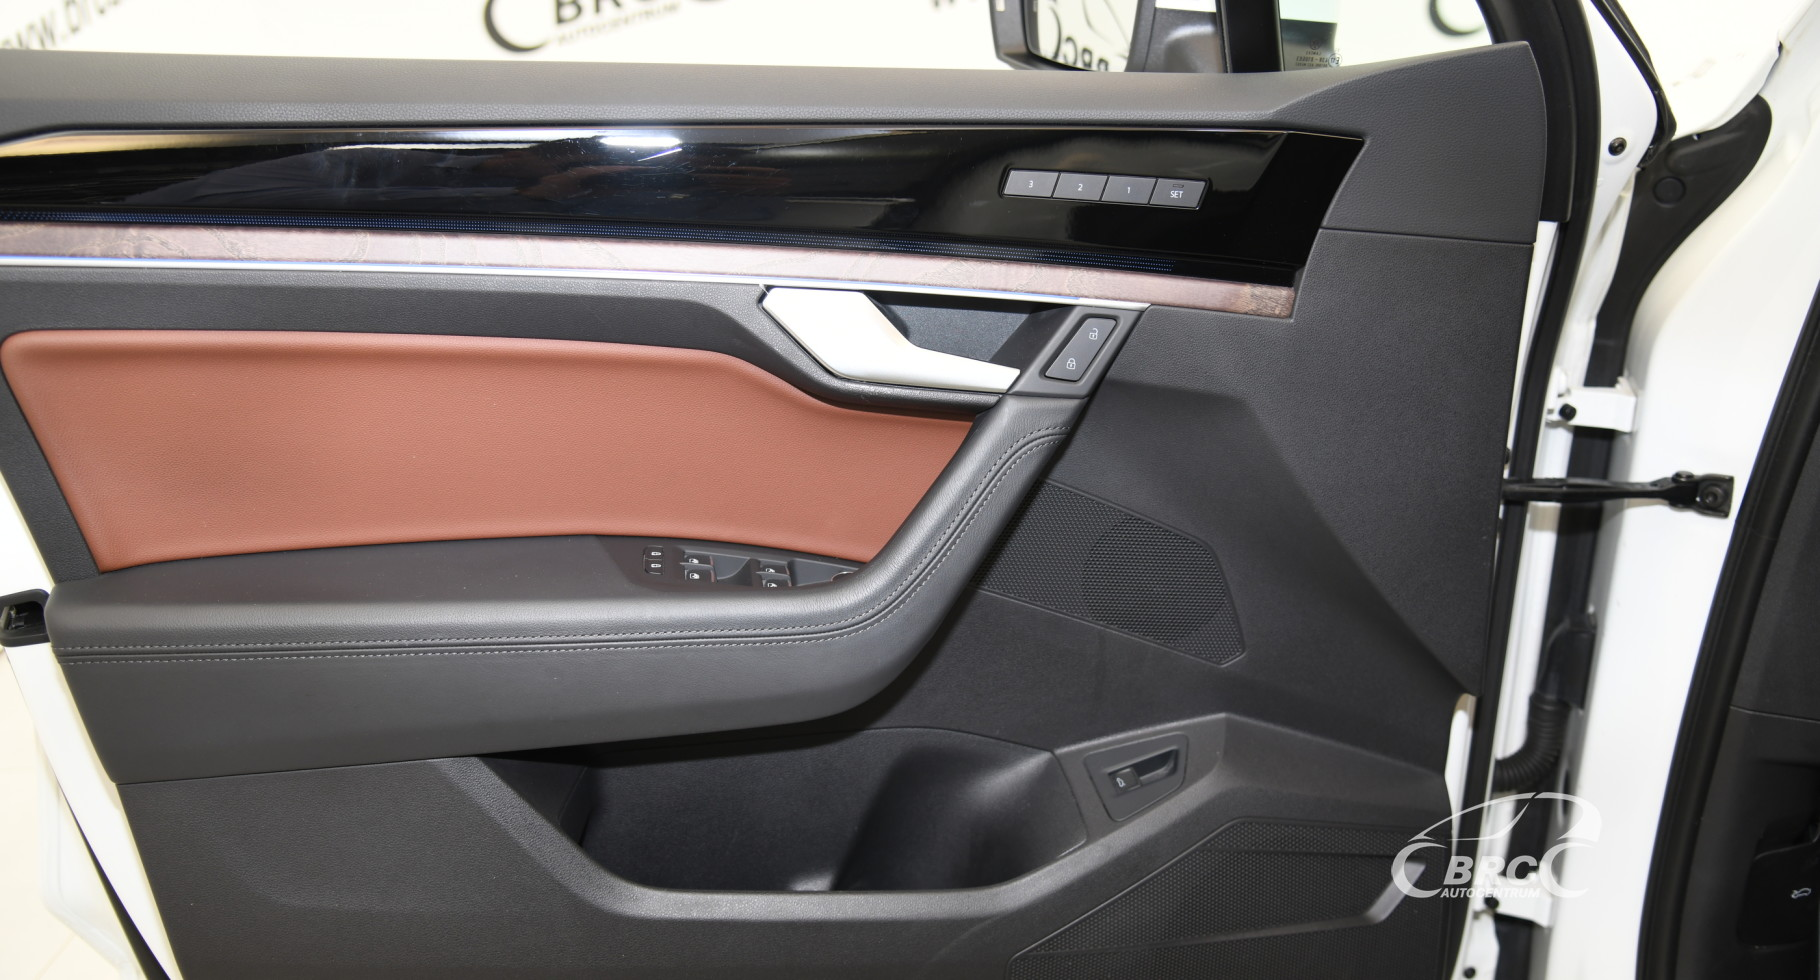 Volkswagen Touareg 3.0 TDI R-Line 4Motion Automatas